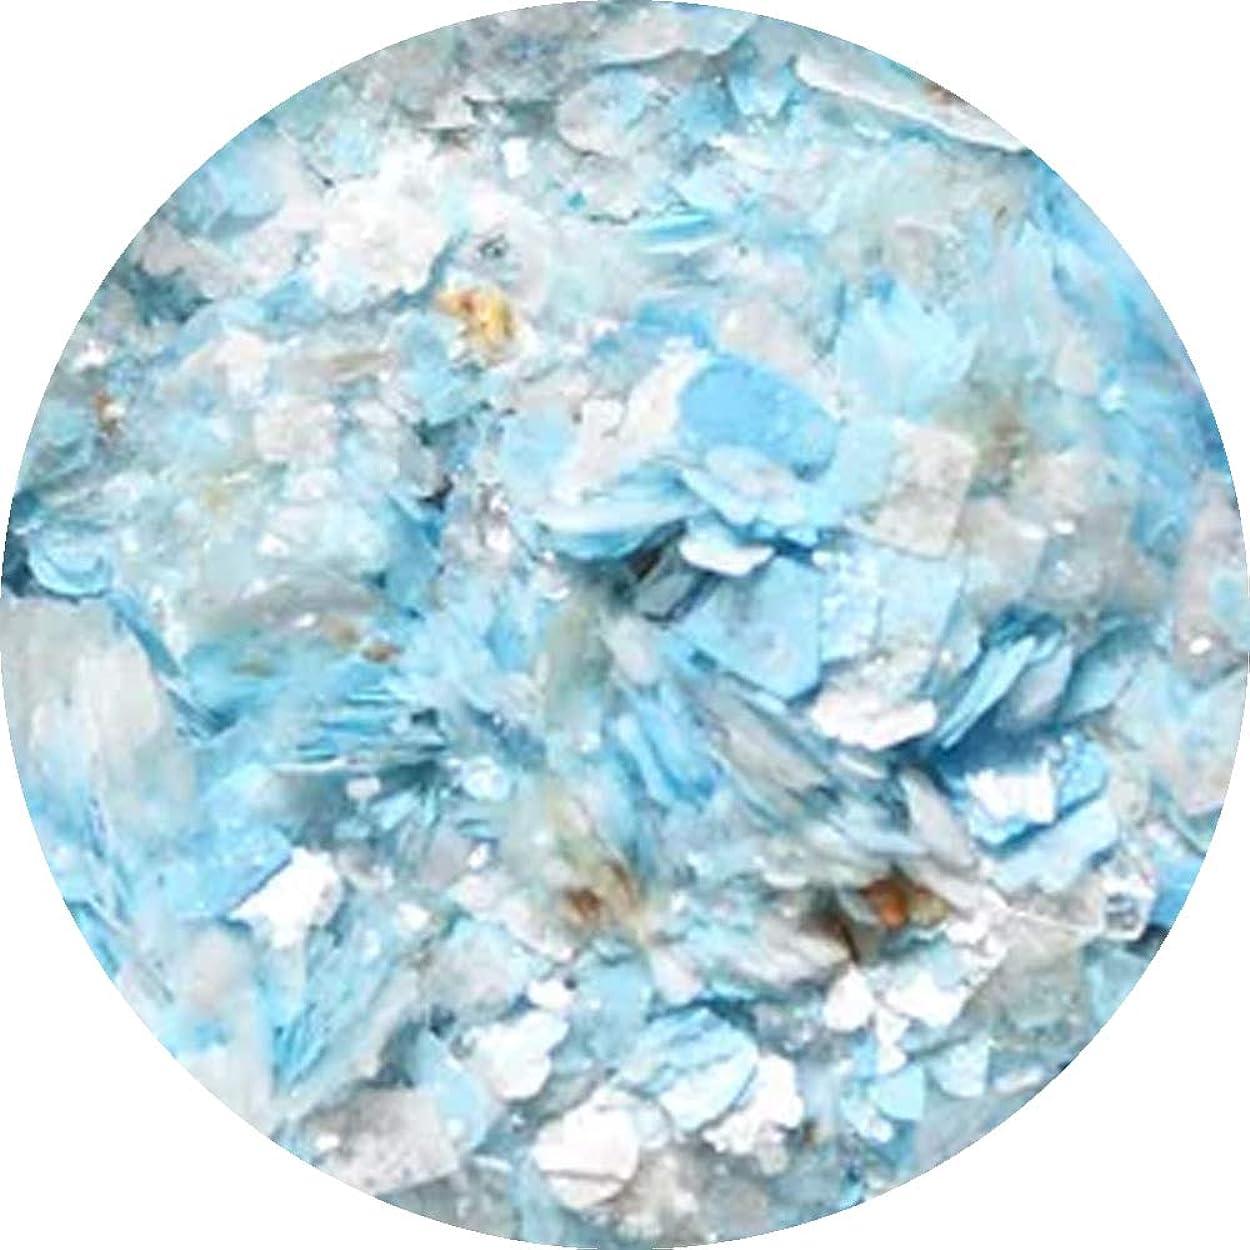 示すコモランマ膜Charlon クラッシュラメ ブルー